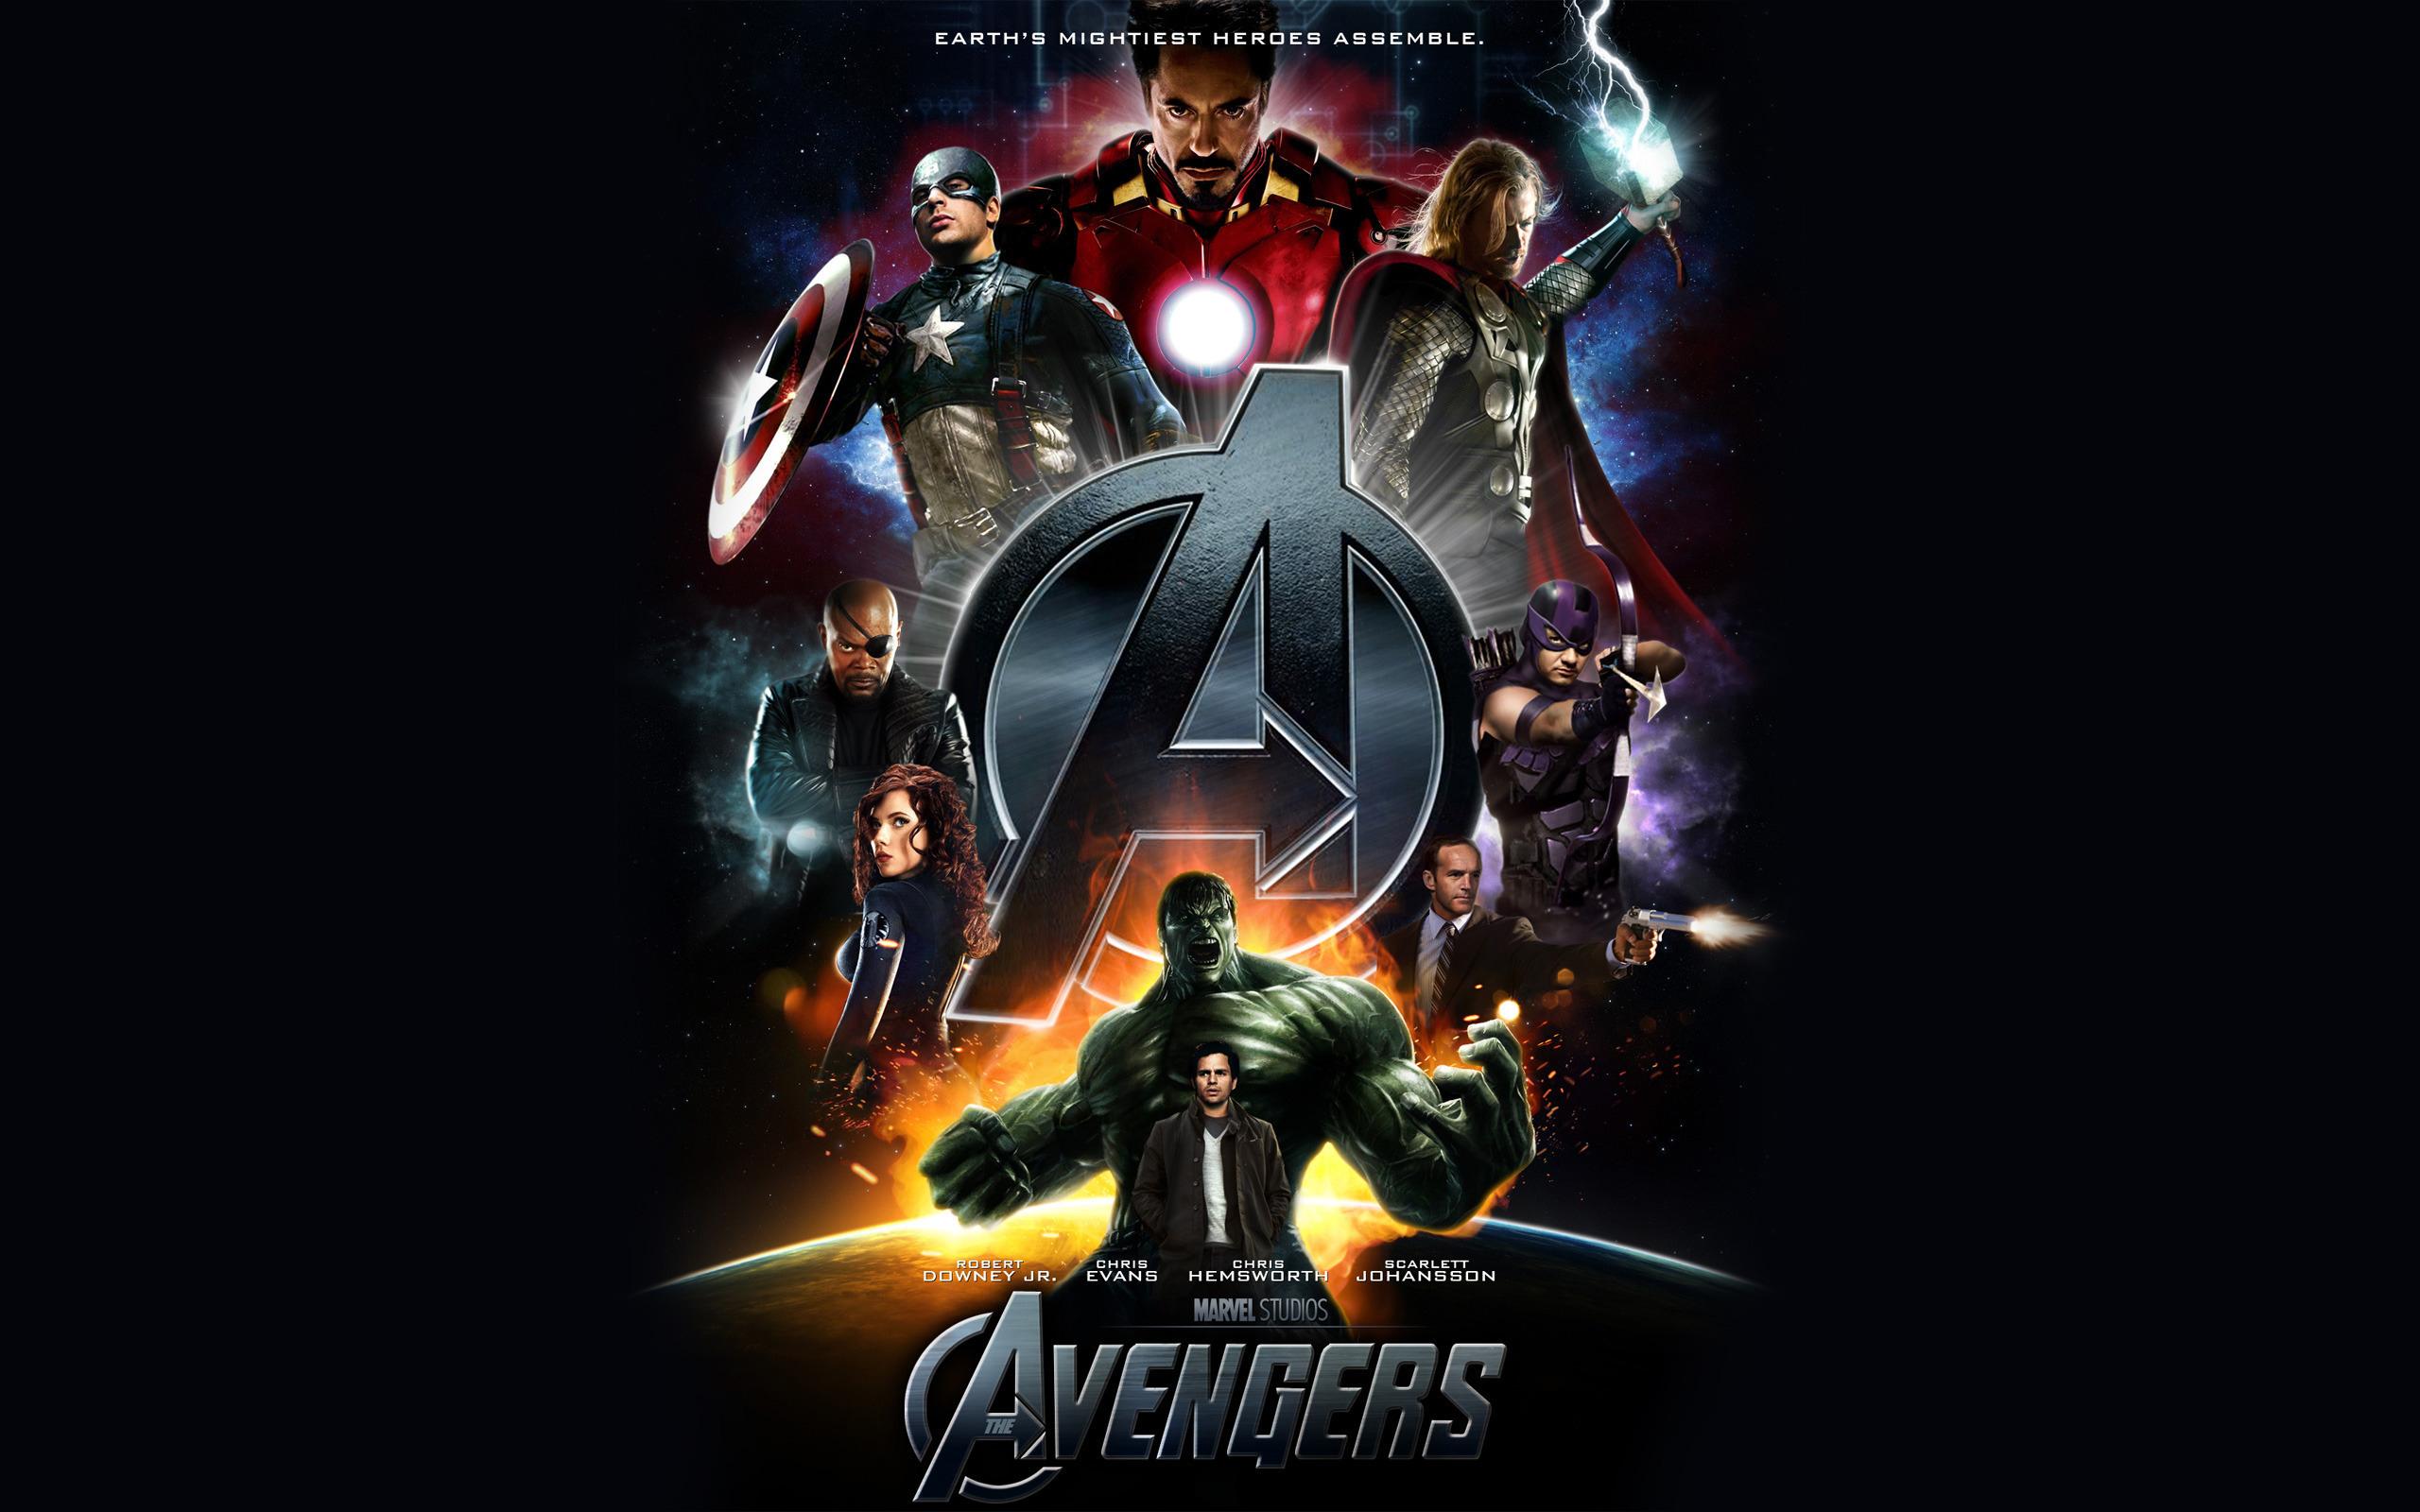 Cool Wallpaper Marvel Portrait - The-Avengers-098  Graphic_789774.jpg